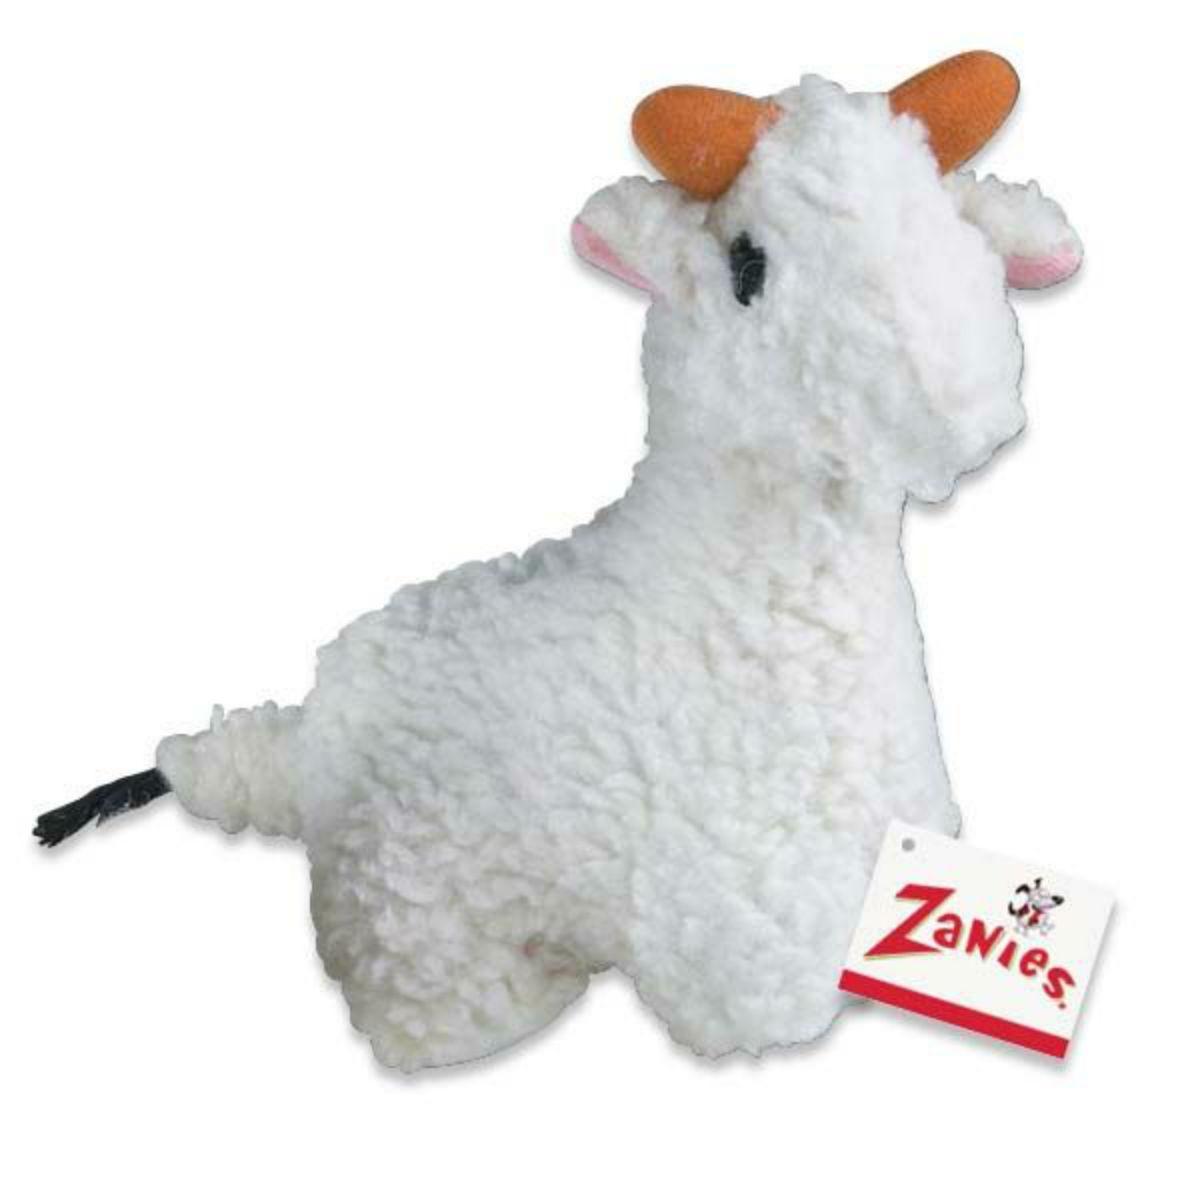 Zanies Fleecy Friends Dog Toy - Llama